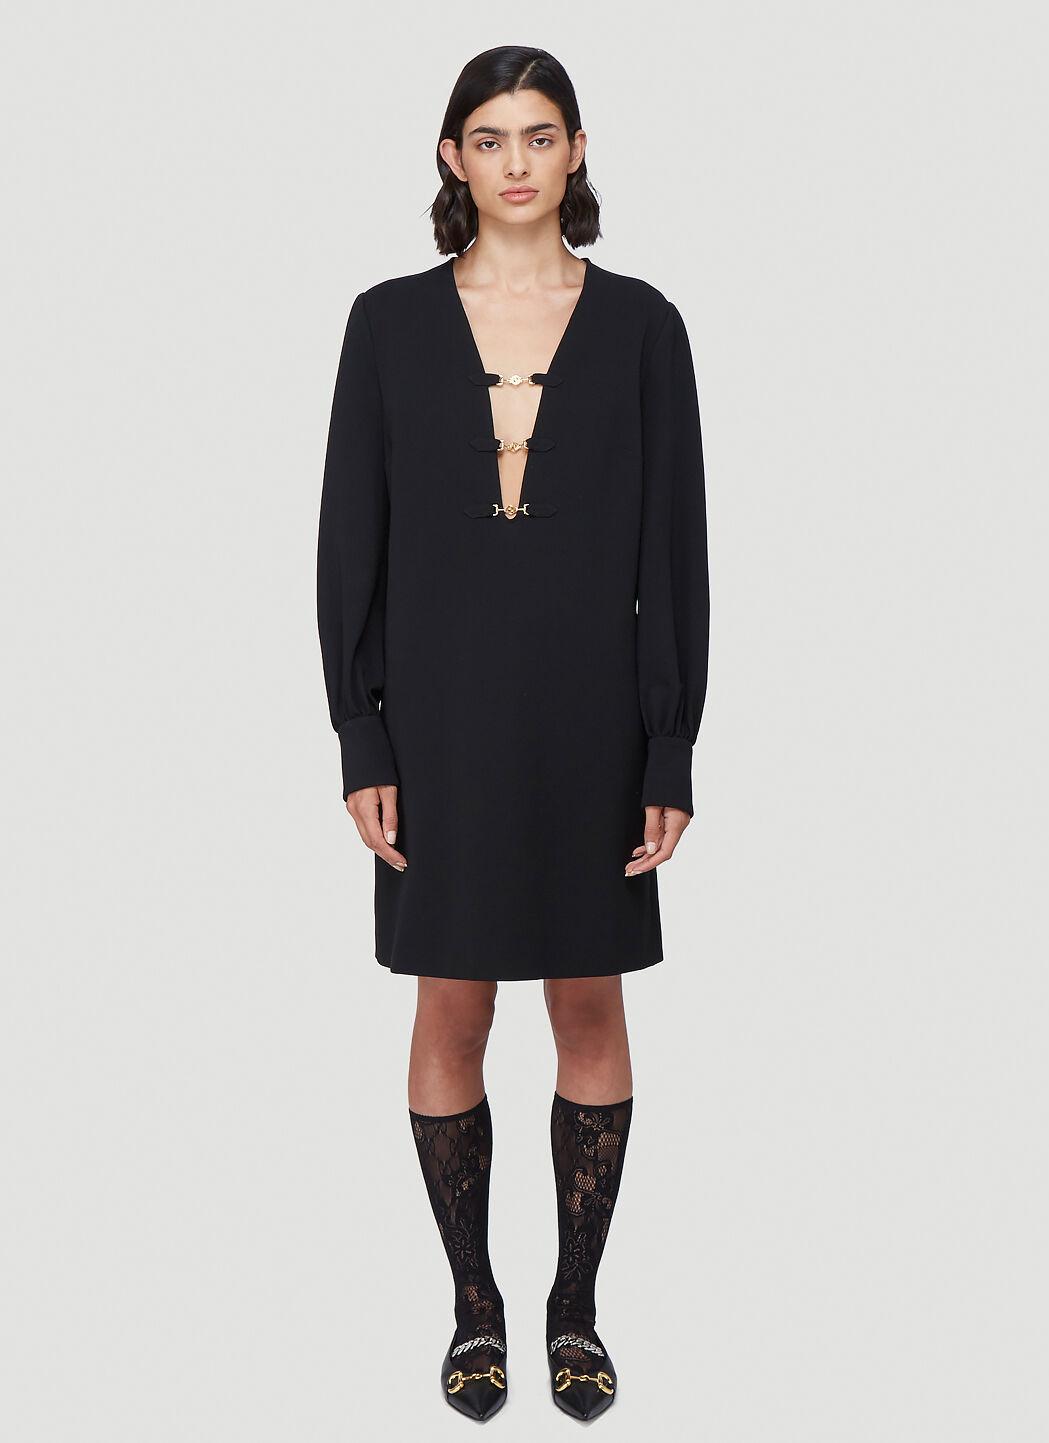 GUCCI, Deep V-Neck Dress in Black. от 2726лв на 953лв